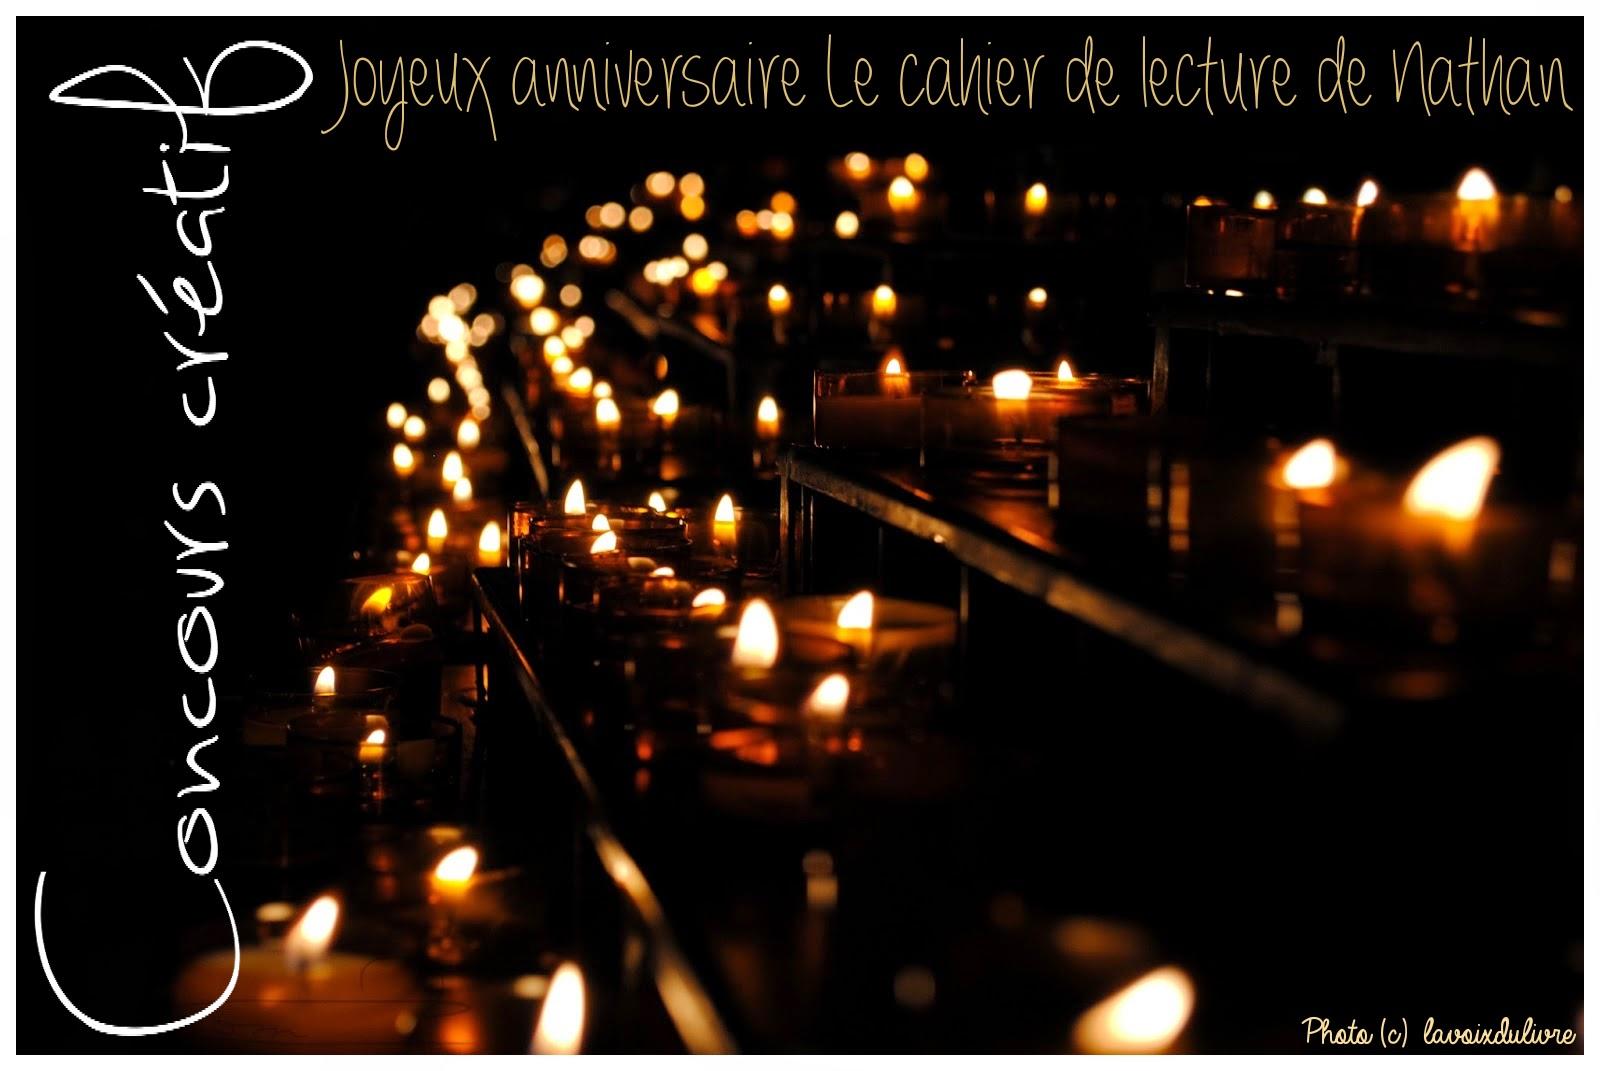 http://bouquinsenfolie.blogspot.fr/2014/04/nouveaute-ou-quand-le-blog-fait-un-pas.html